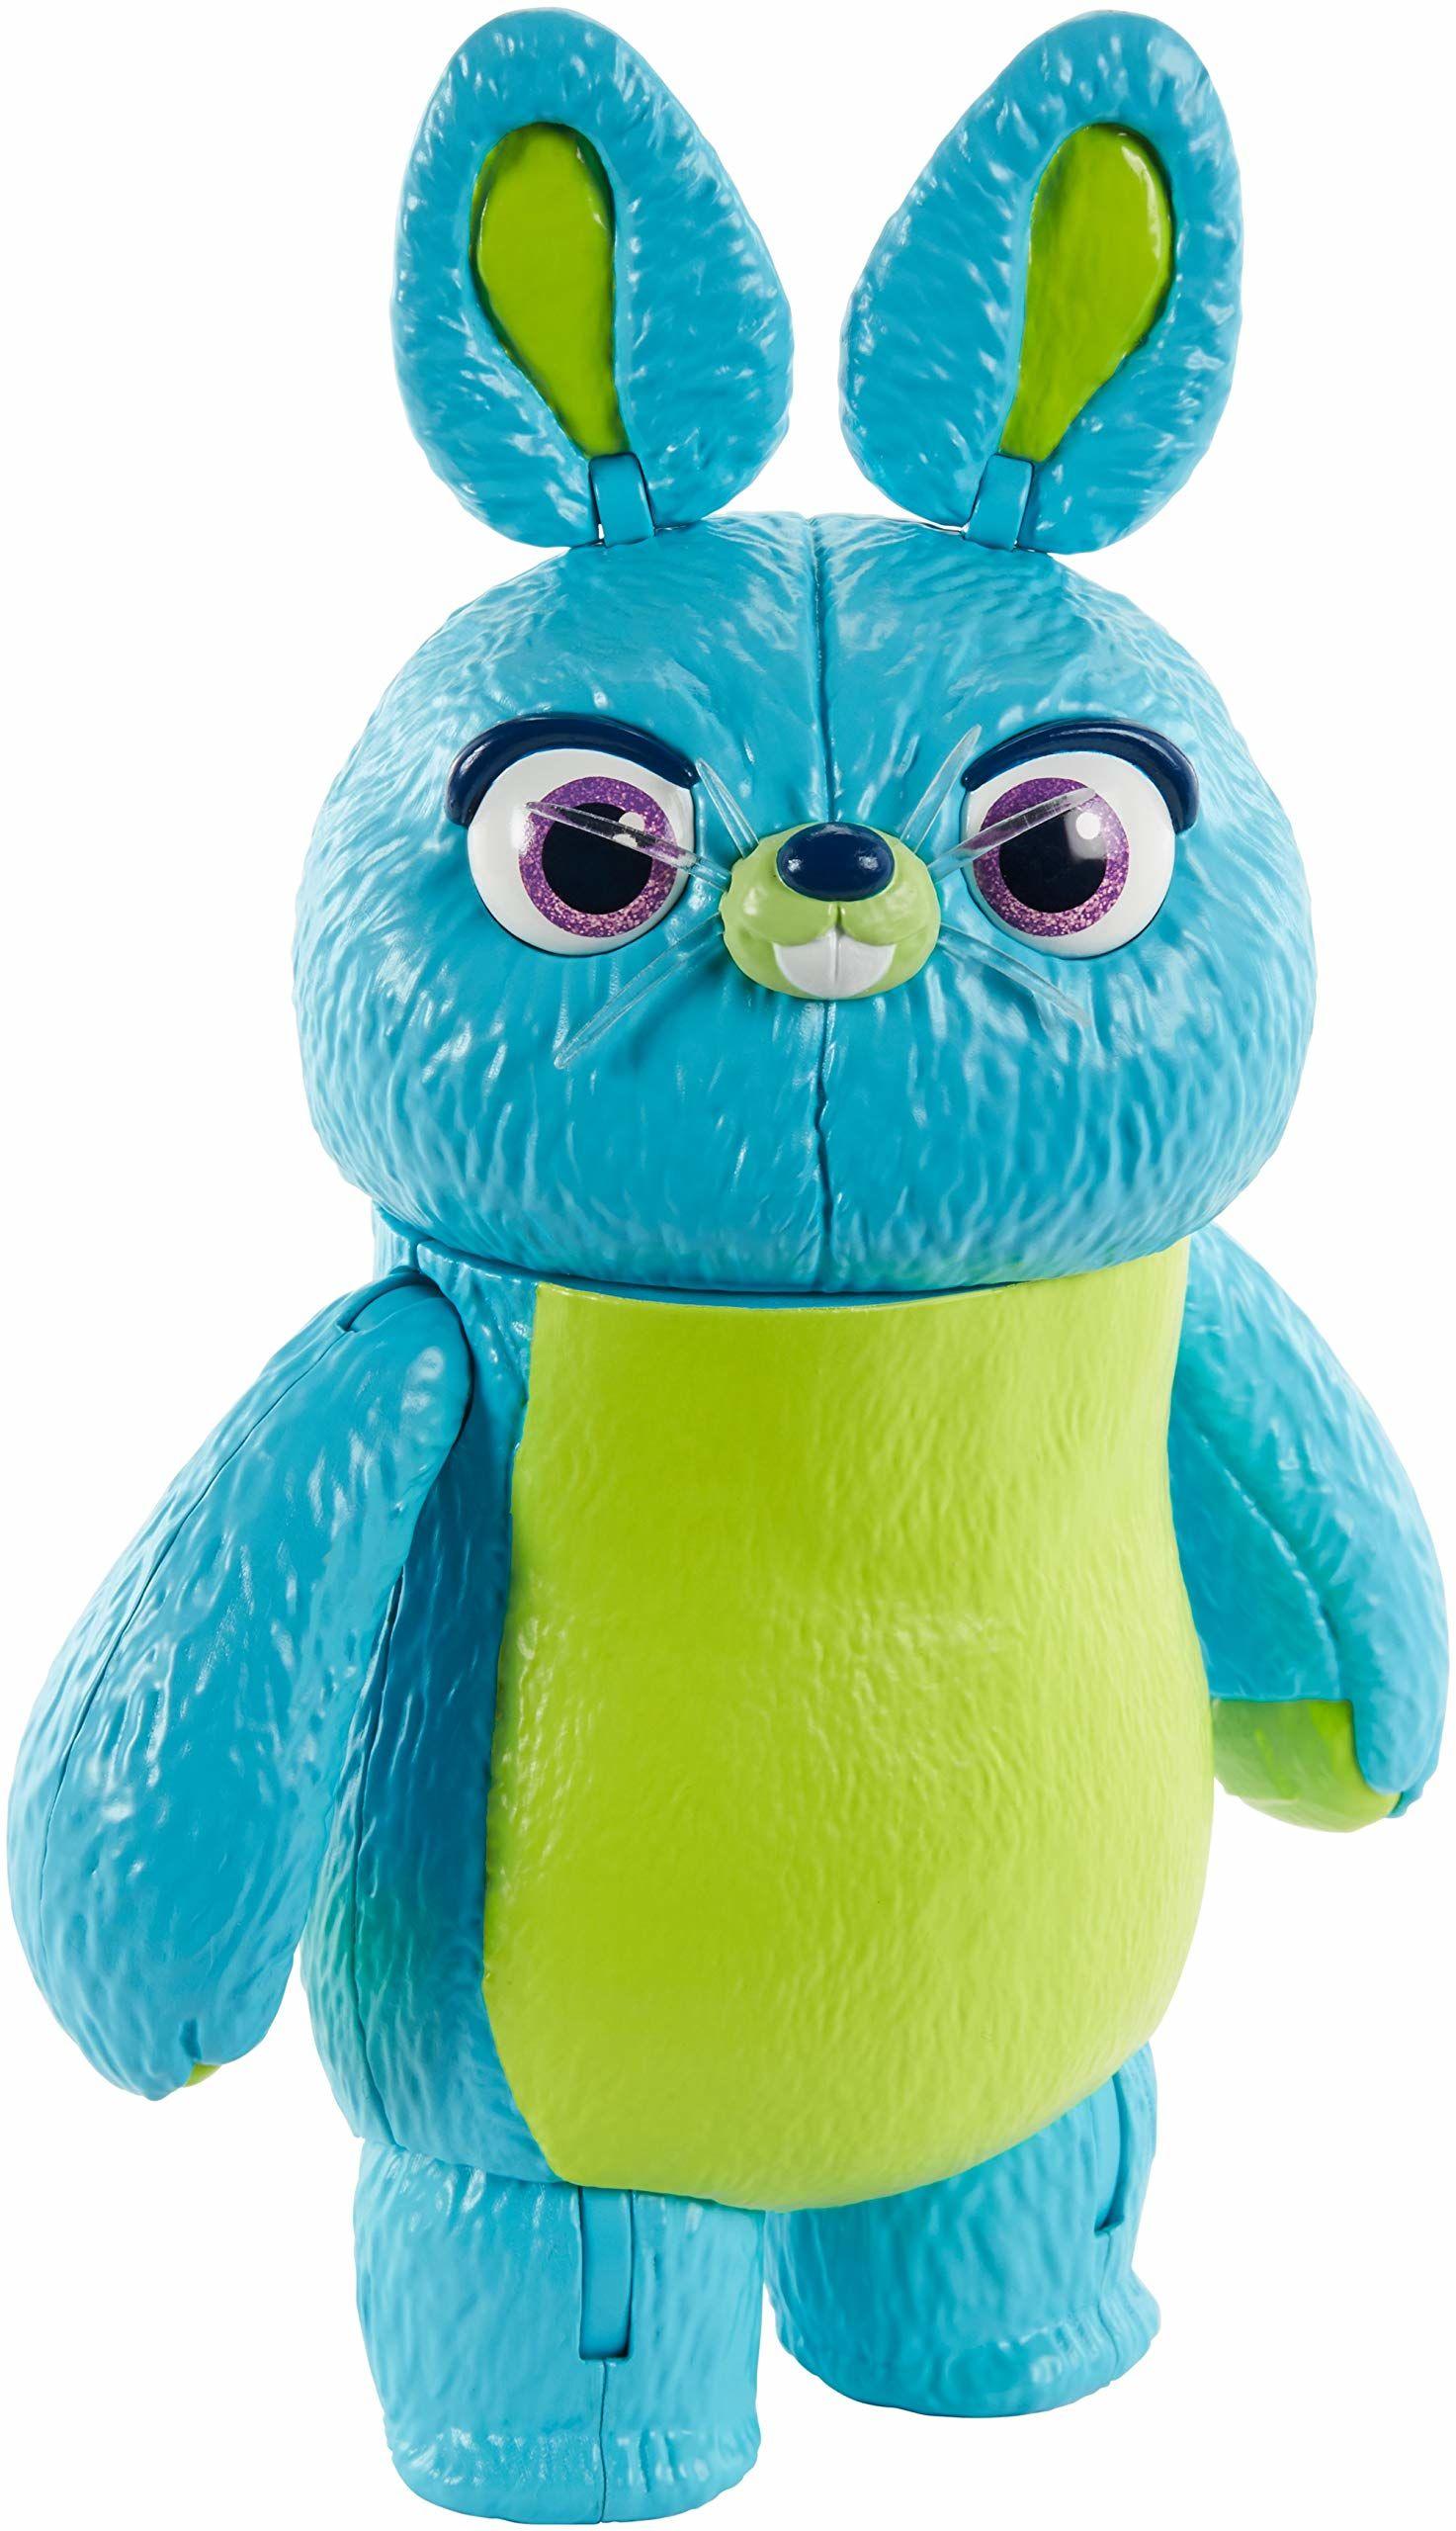 Disney Pixar Toy Story 4 figurka królika, 23 cm wysokości, z personelem, możliwa postać dla dzieci w wieku od 3 lat do starszych